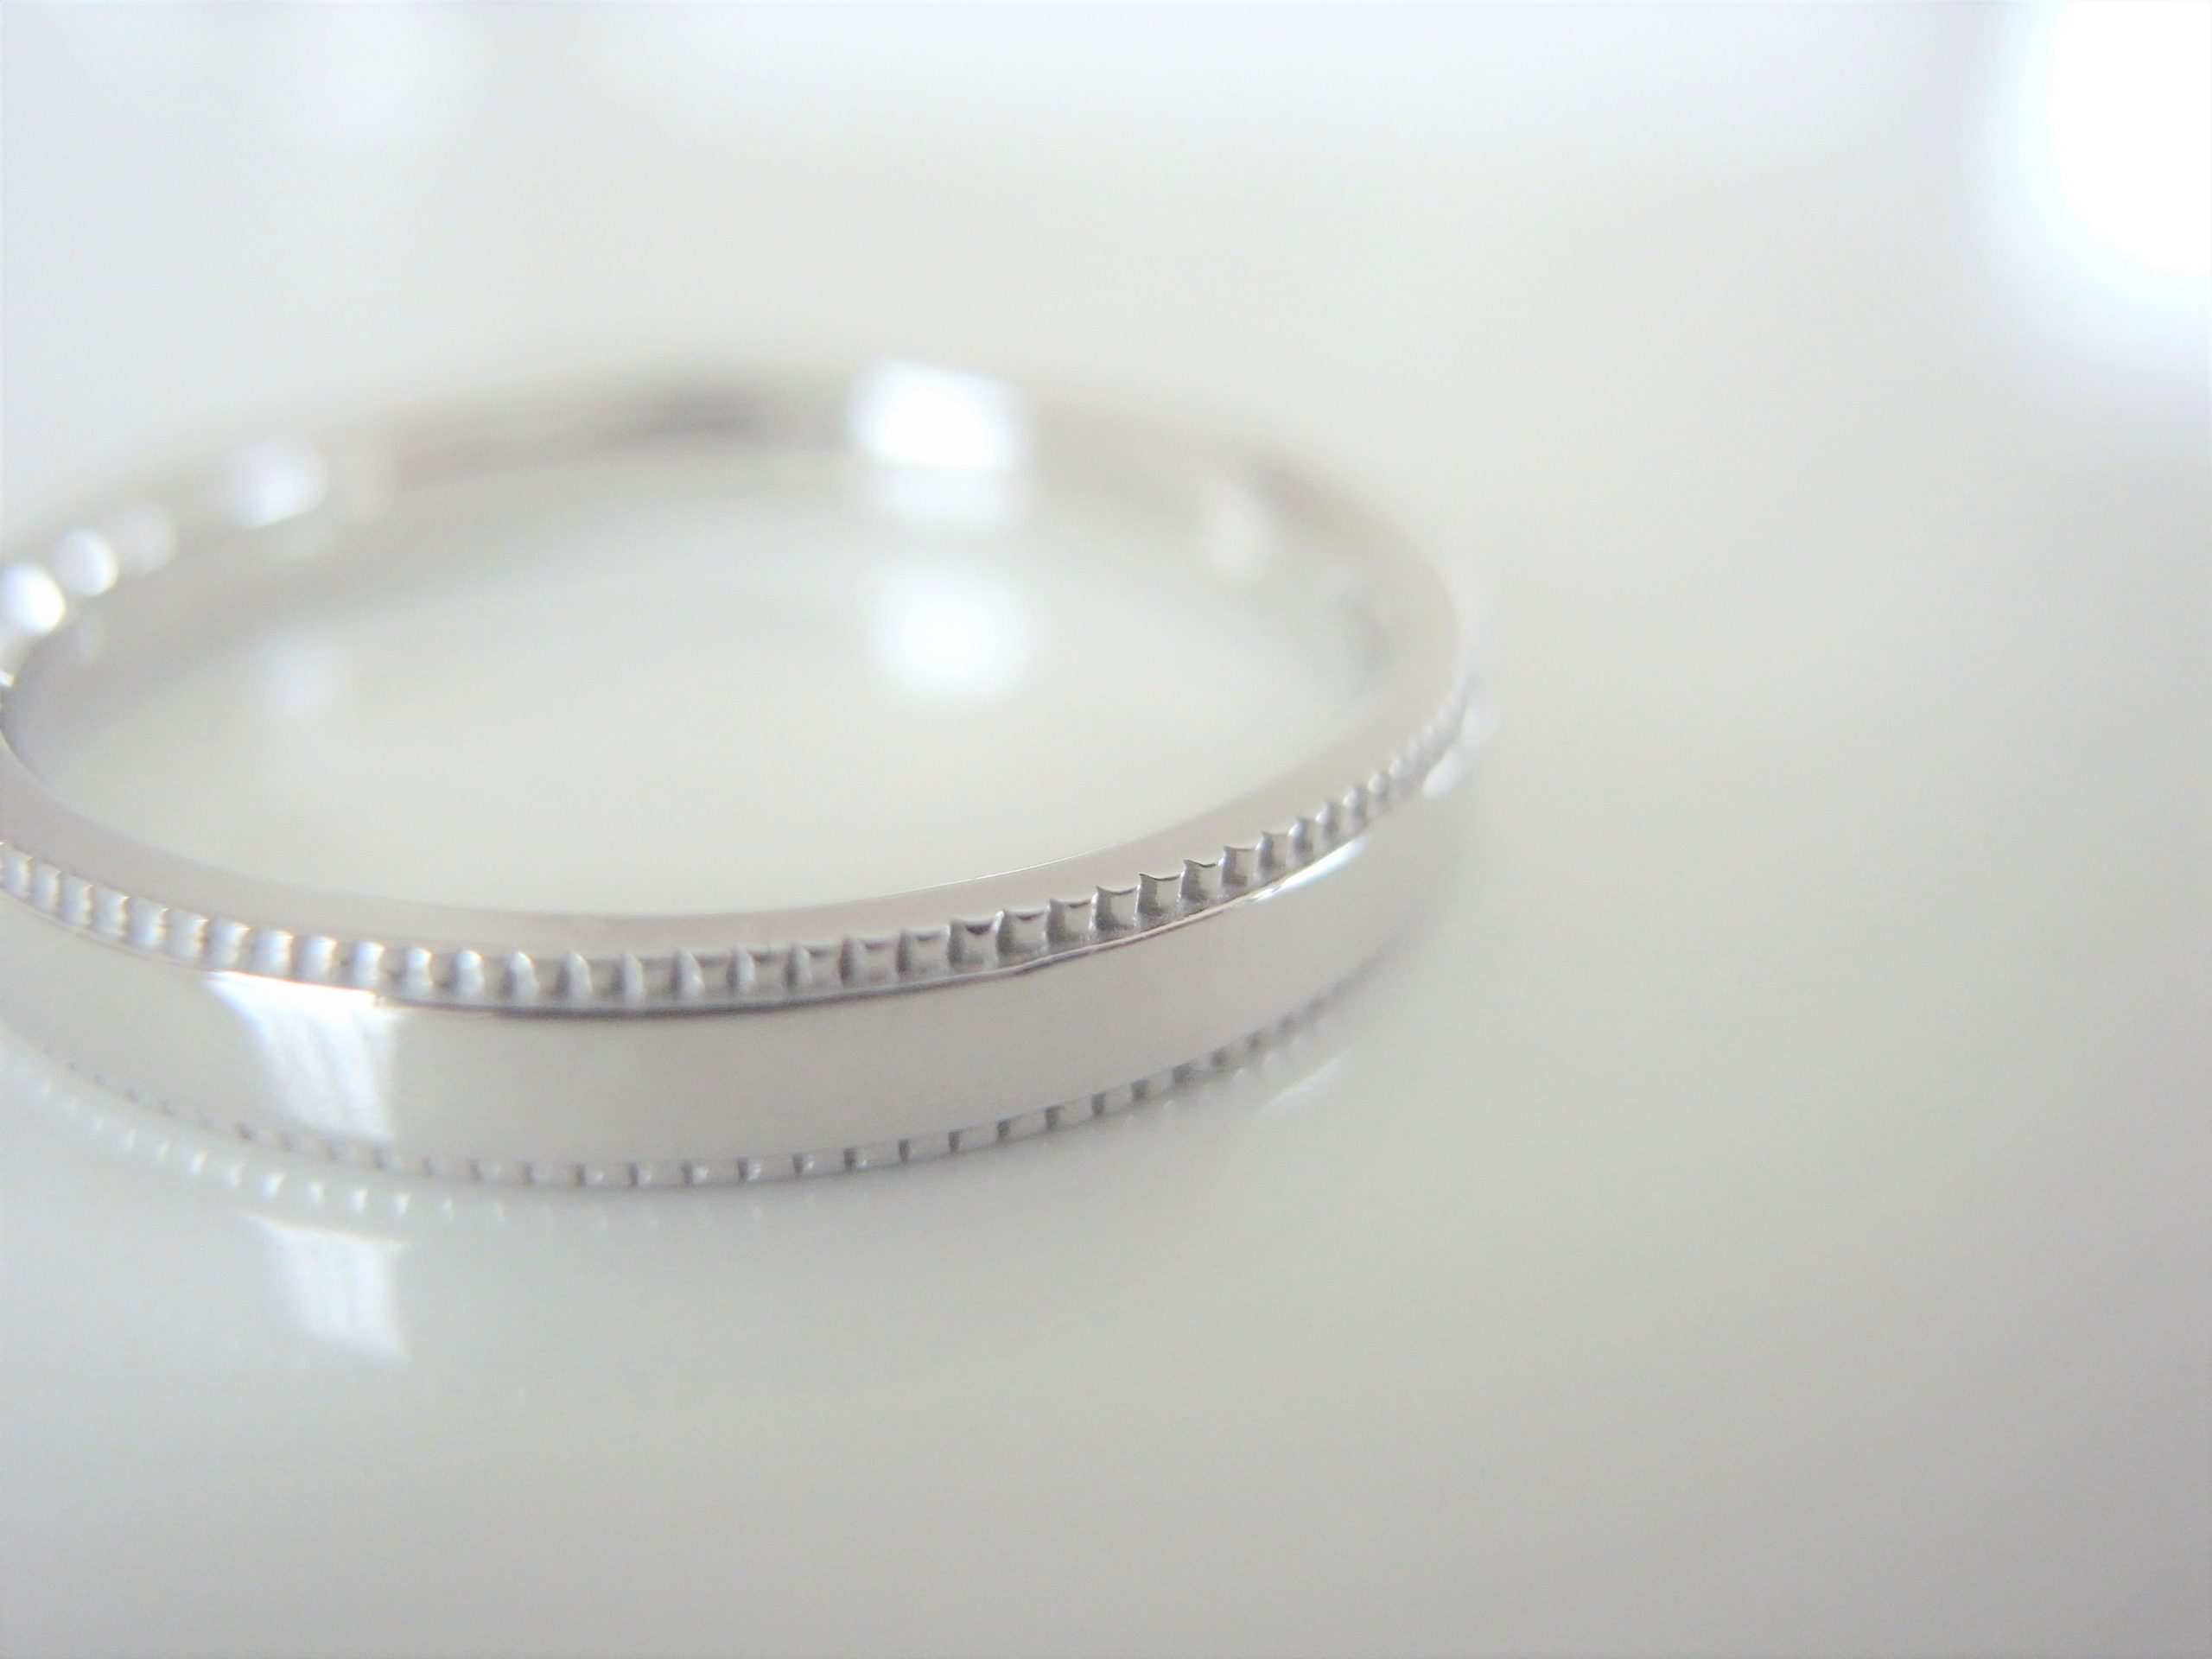 ミル打ちの結婚指輪について...